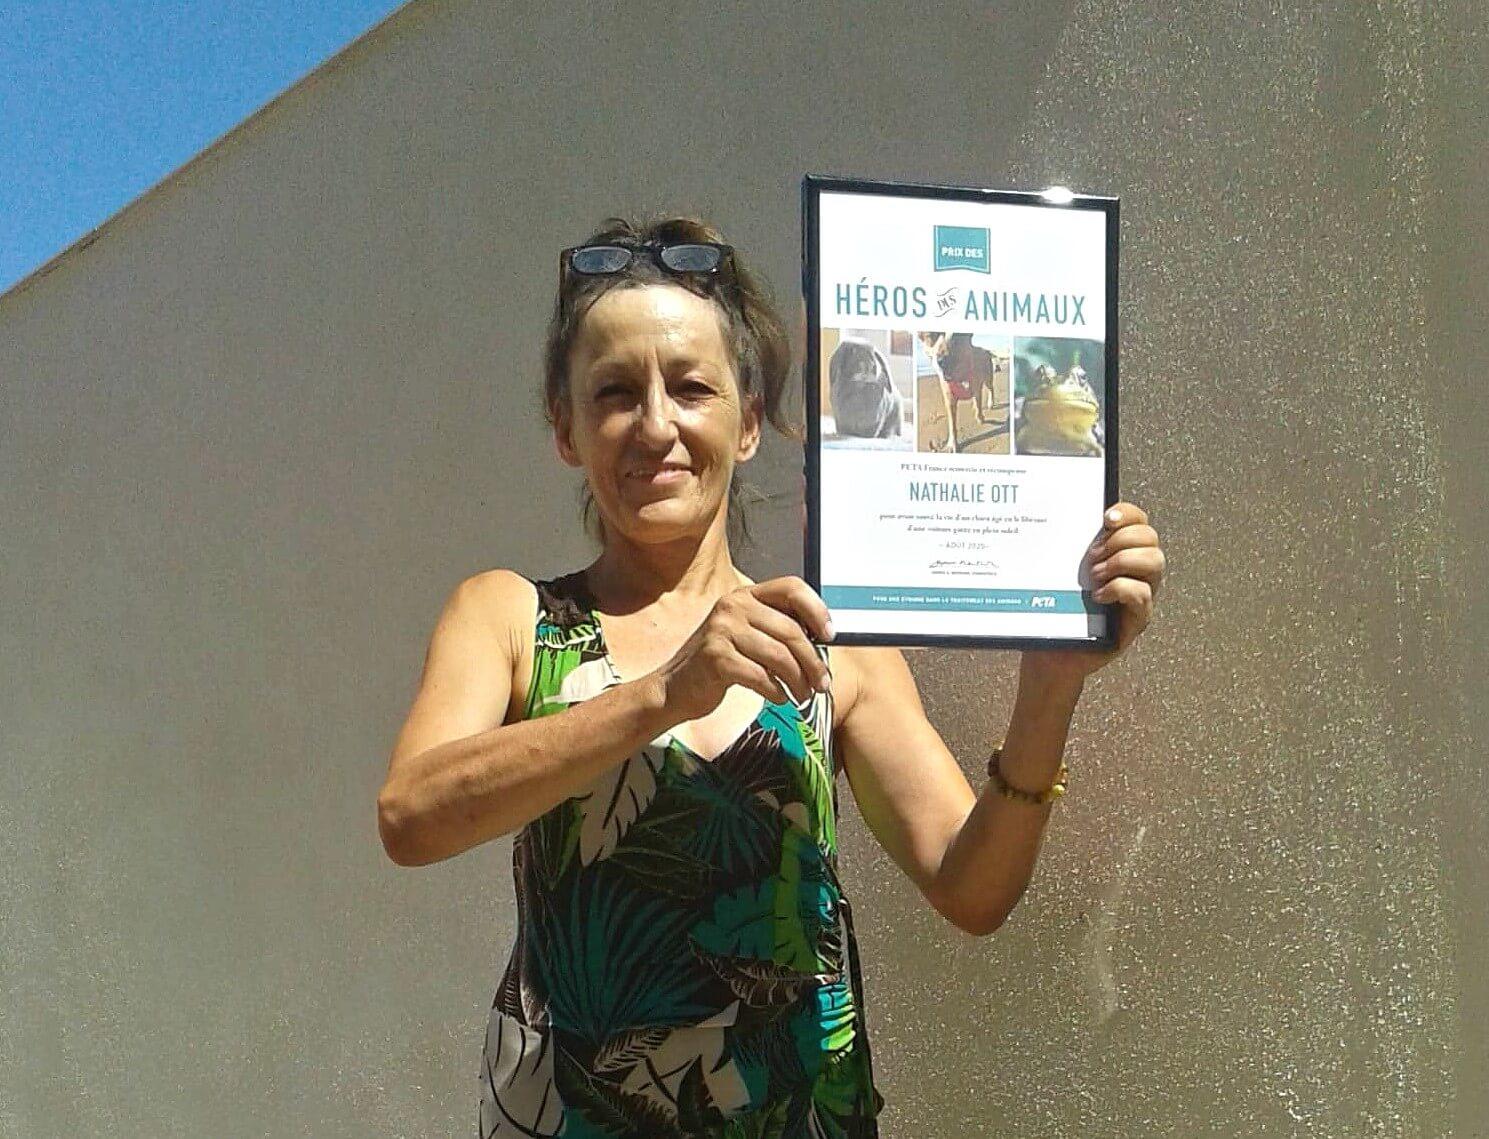 Une Nîmoise reçoit un prix pour avoir libéré un chien d'une voiture garée en plein soleil